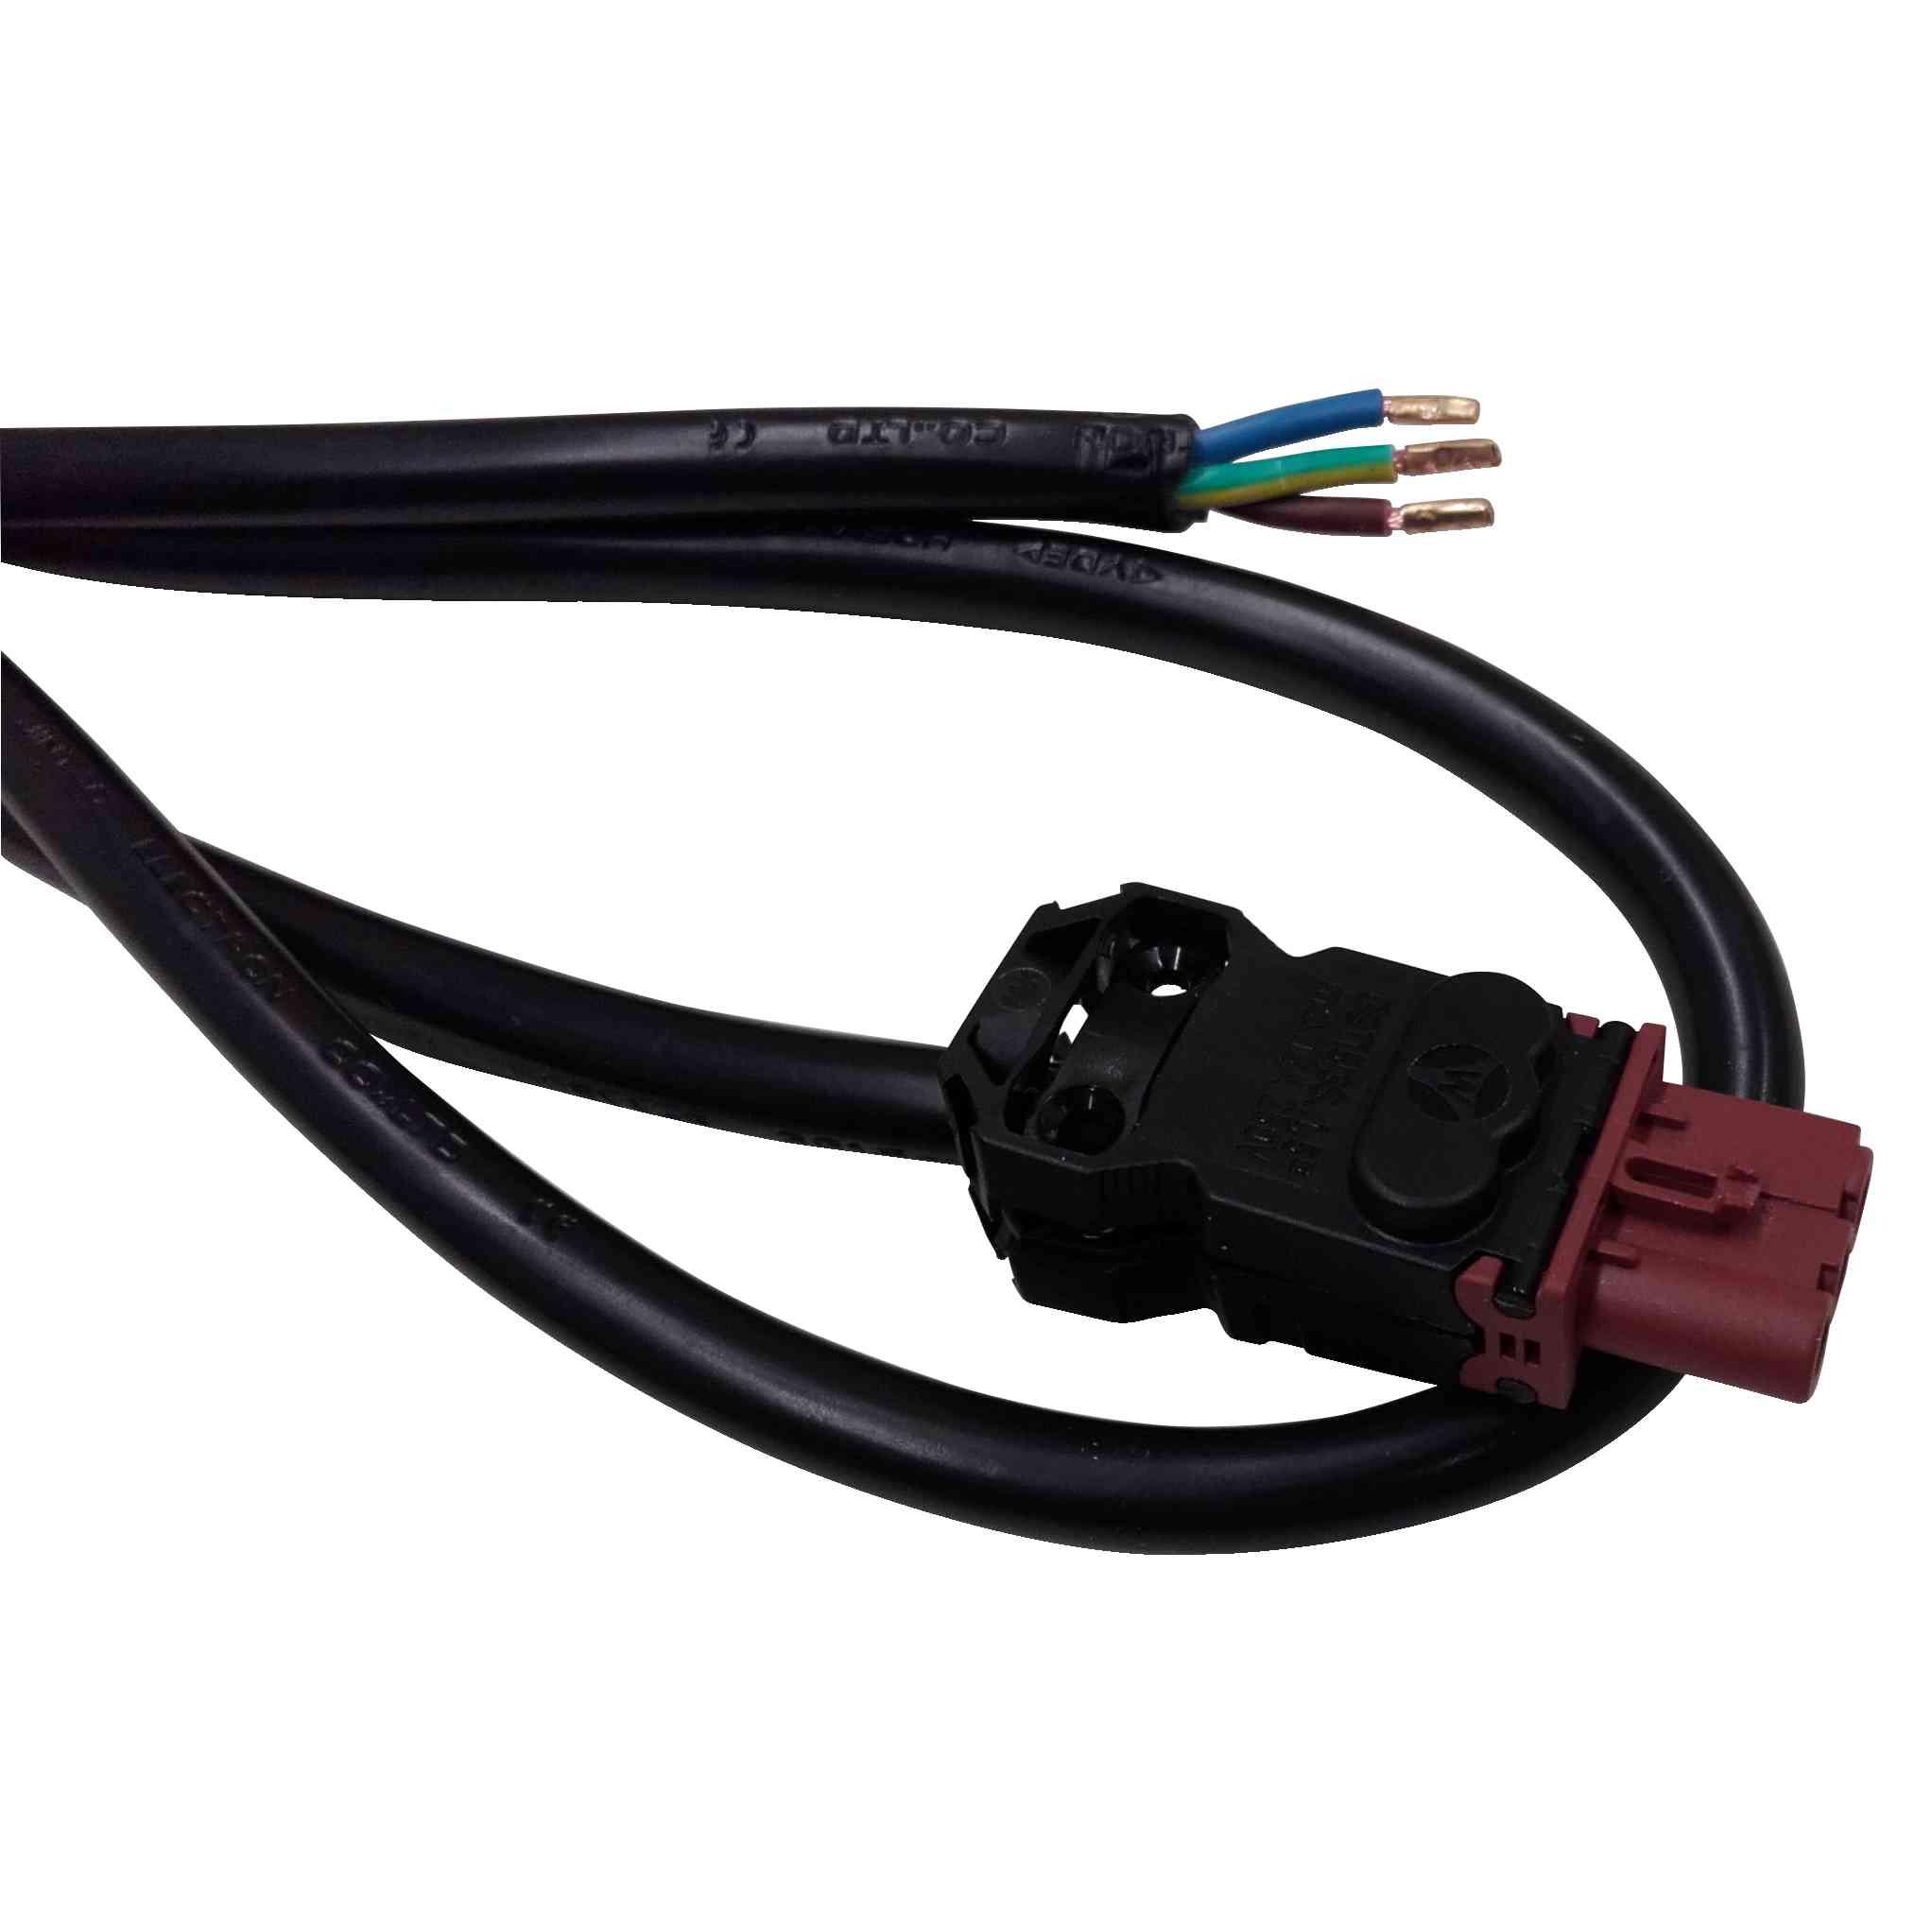 Energijski kabel dolžine 3m dolg za Vdc IEC LED svetilke večnamenskega tipa